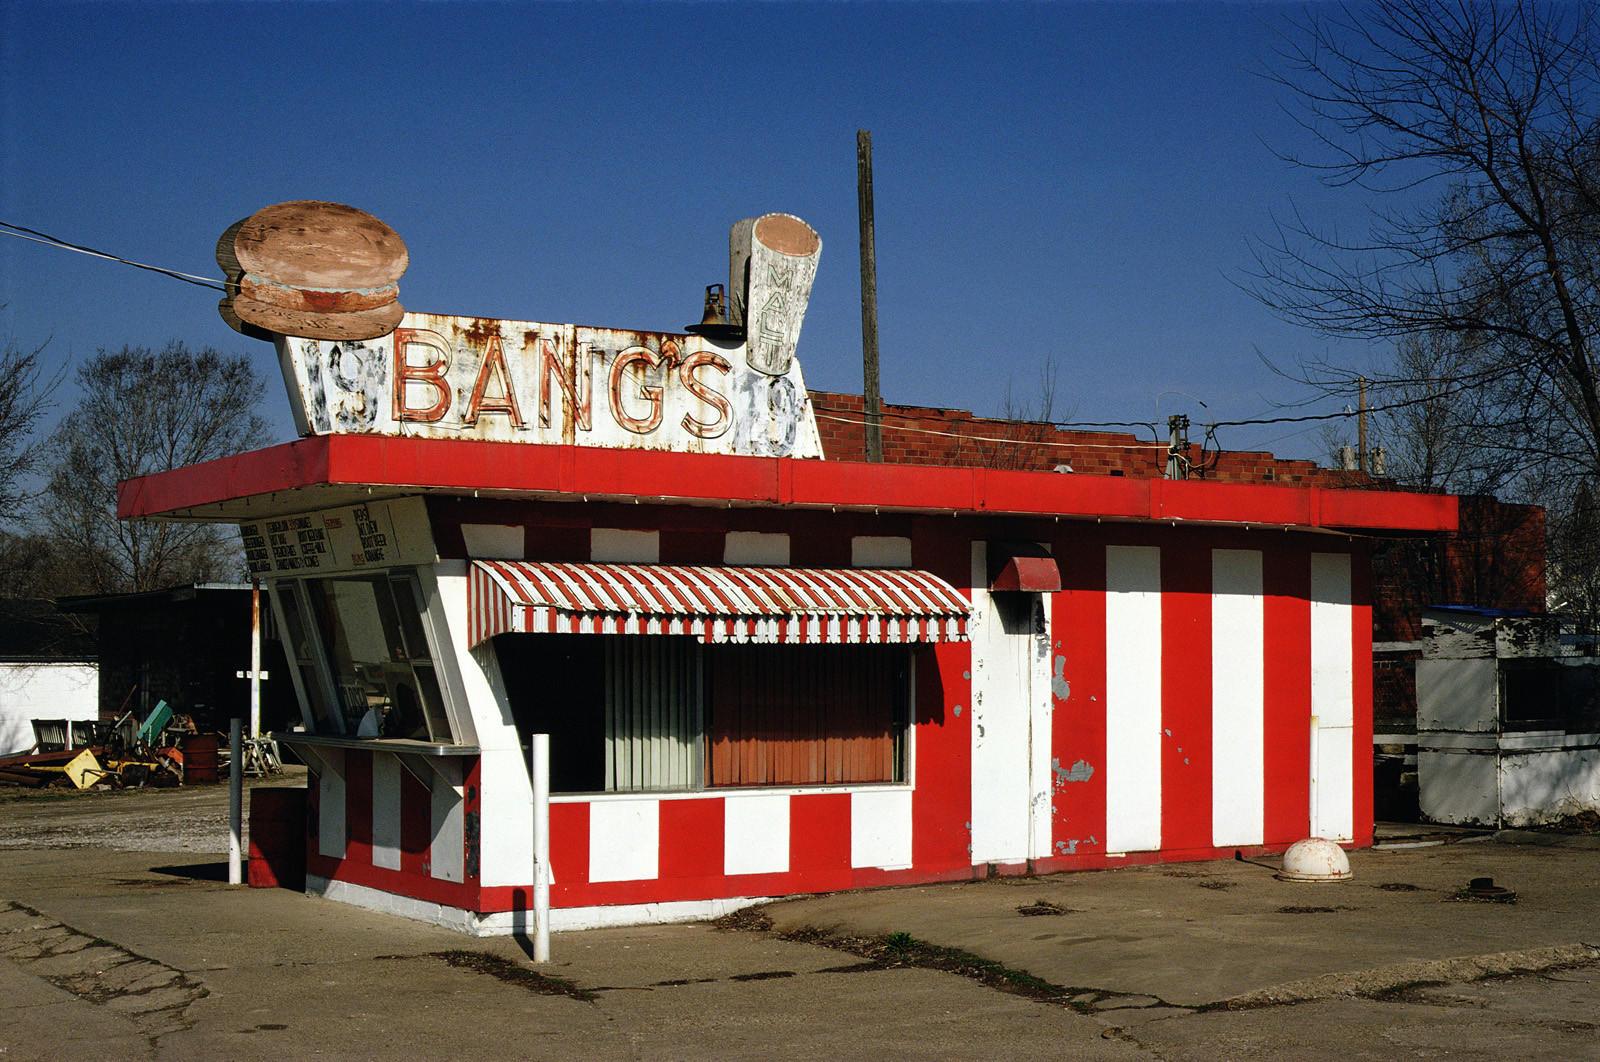 Bang's Drive-in Food Stand, Chariton, Iowa.